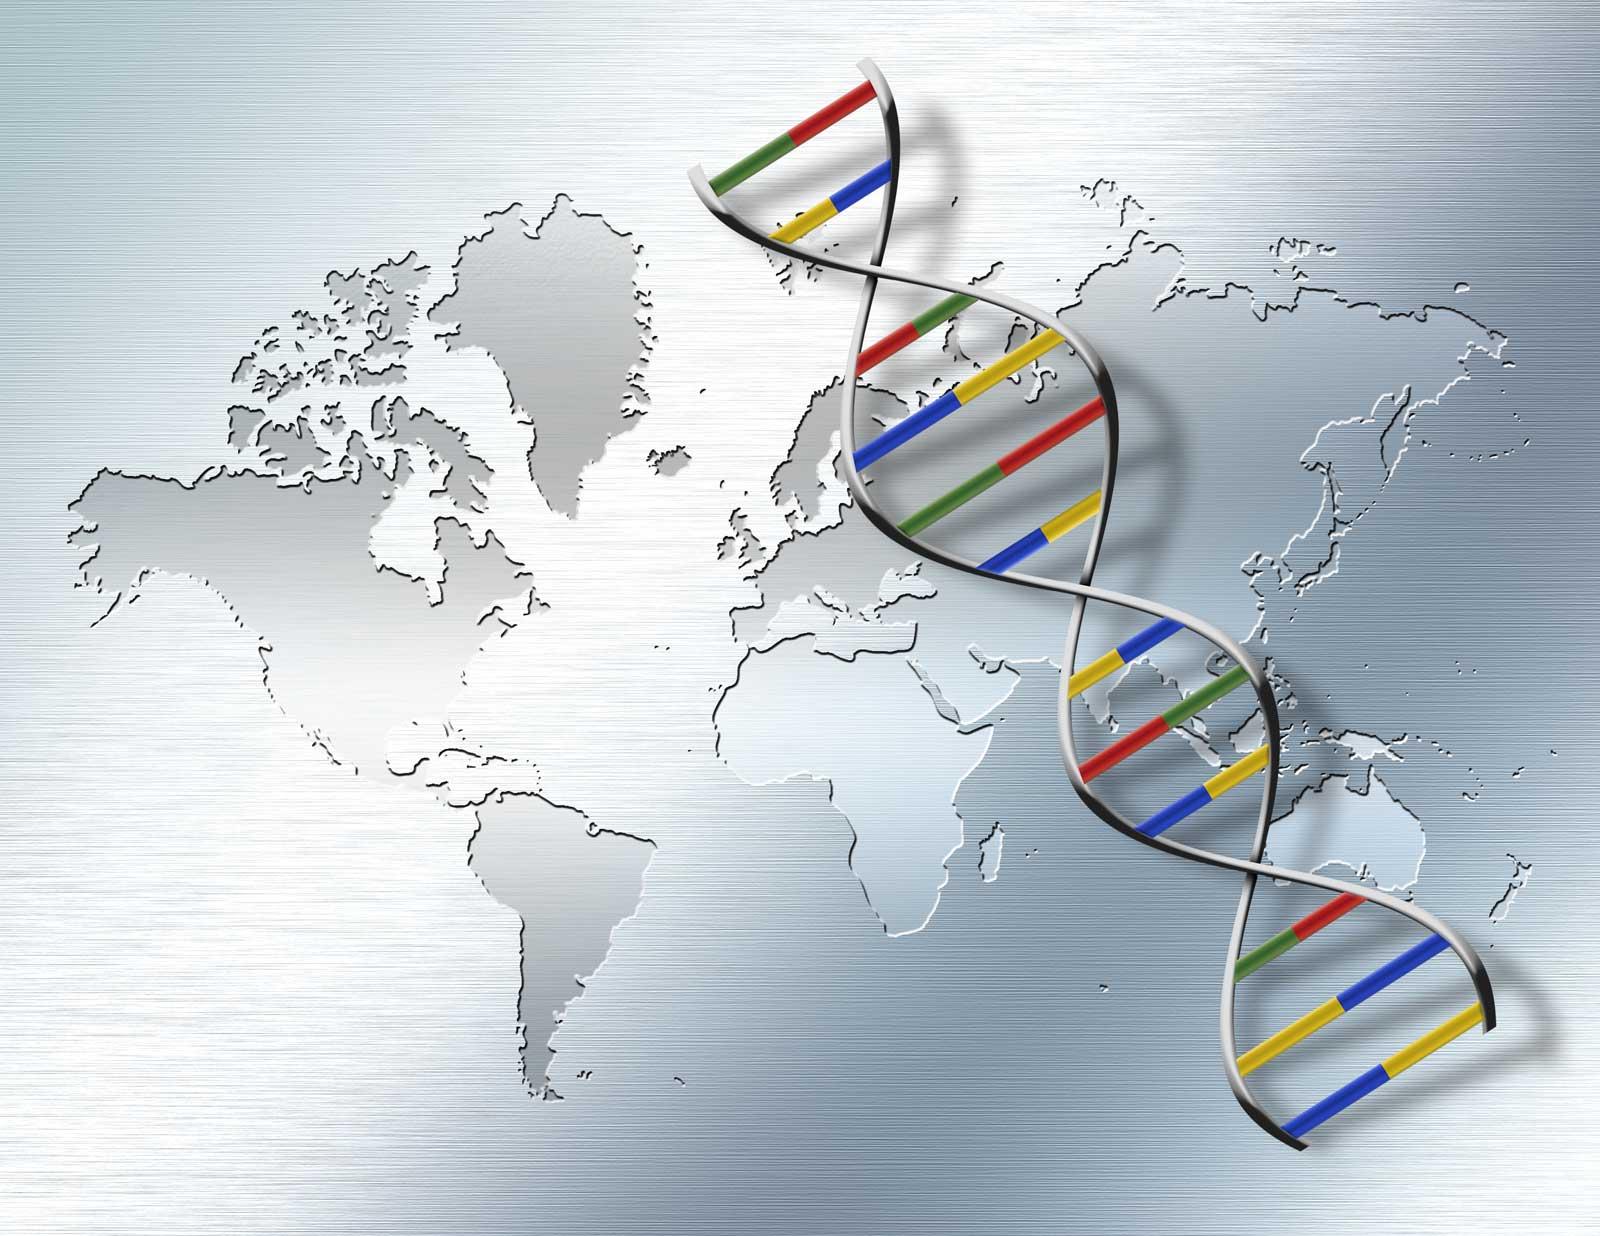 تجاری سازی پروژه بیولوژی